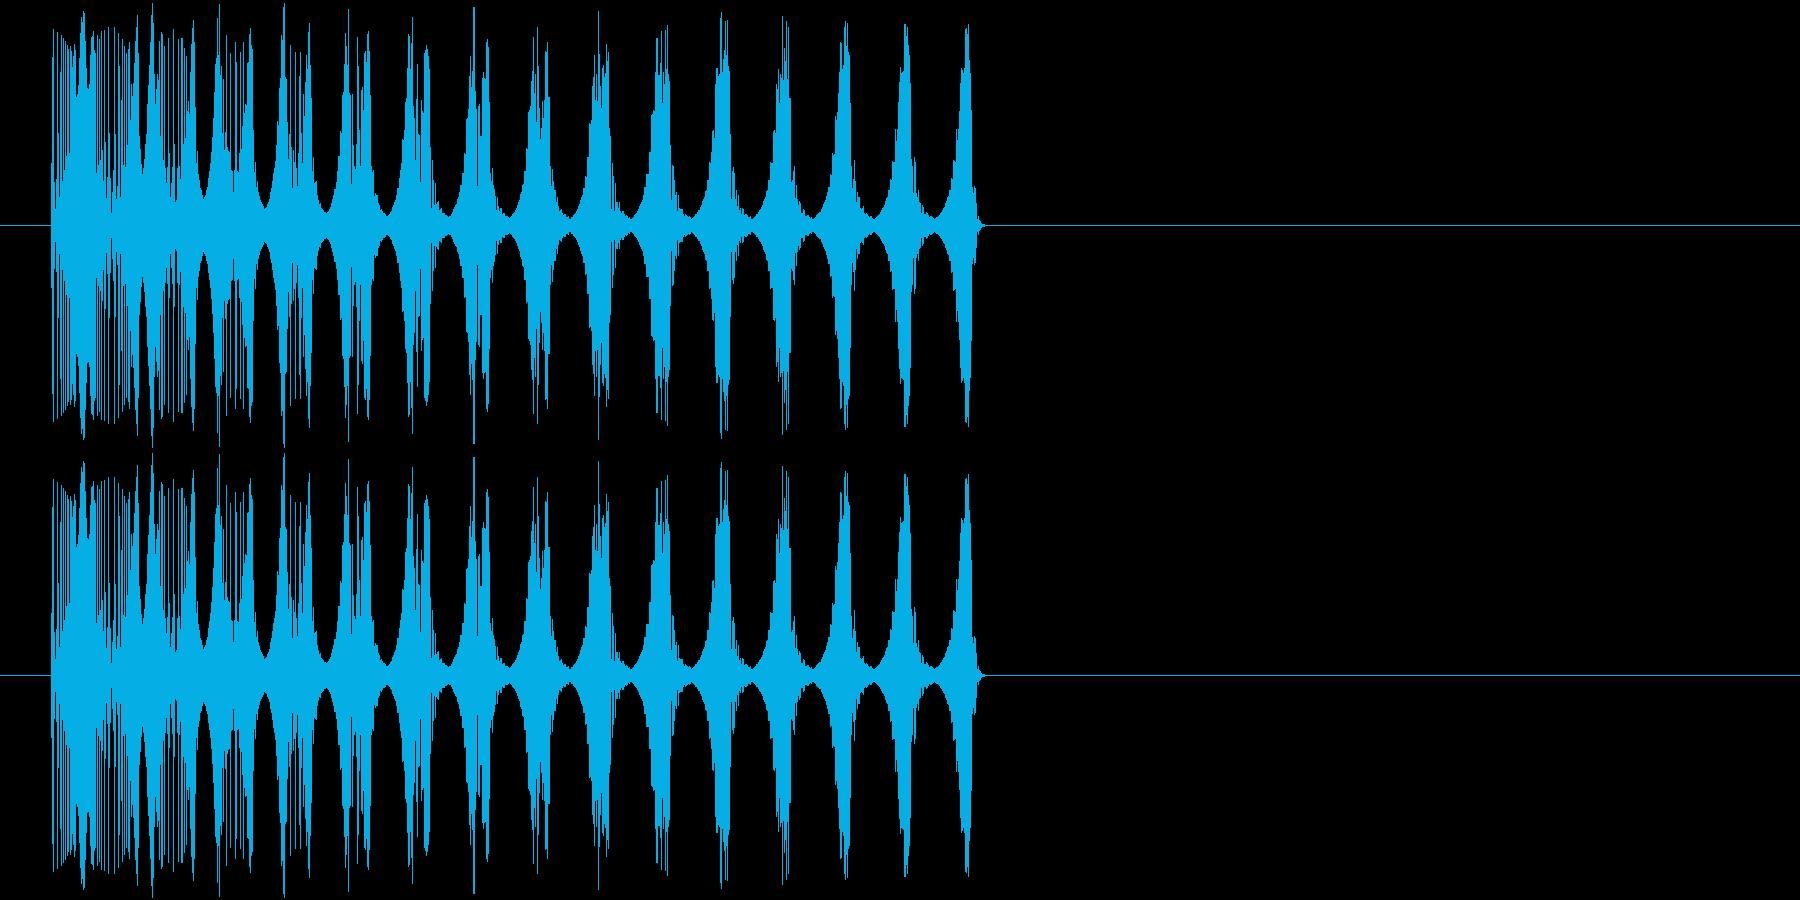 ビヨーン(撃沈の音)の再生済みの波形